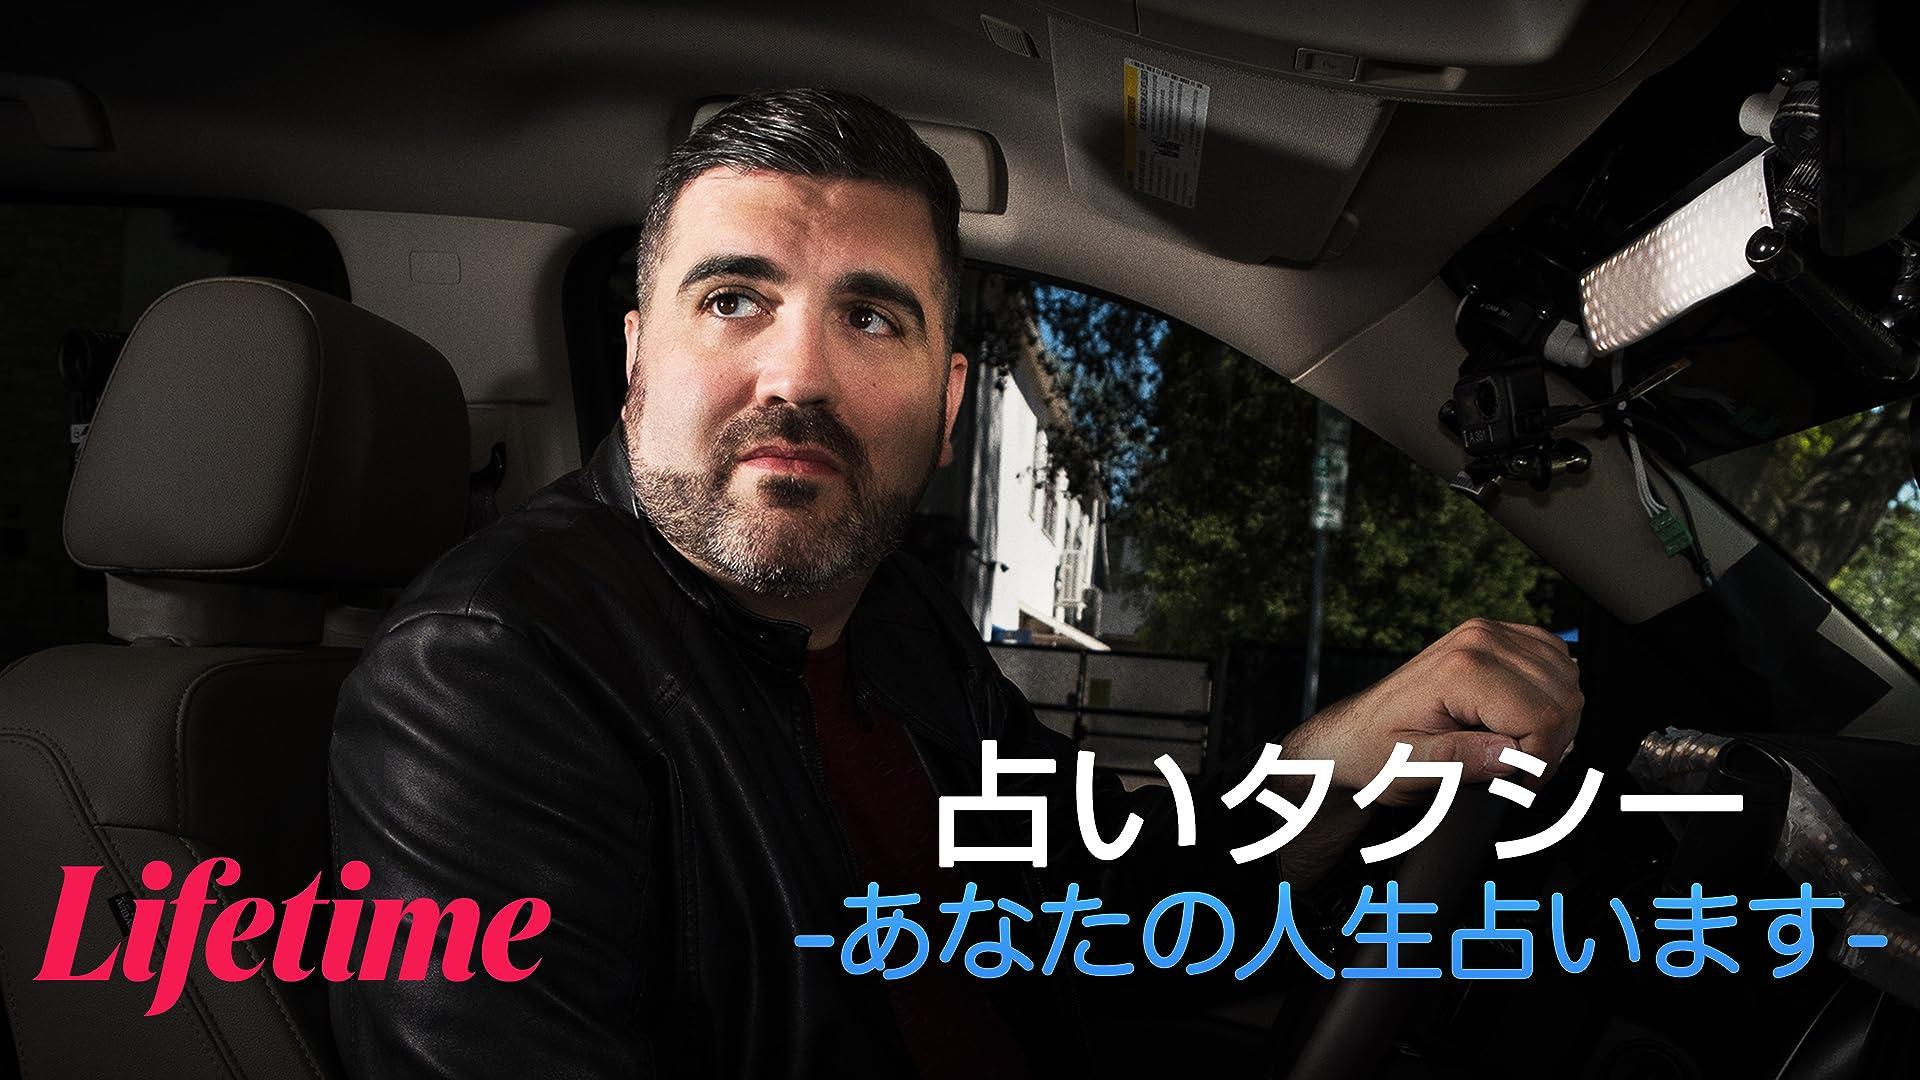 占いタクシー -あなたの人生占います-